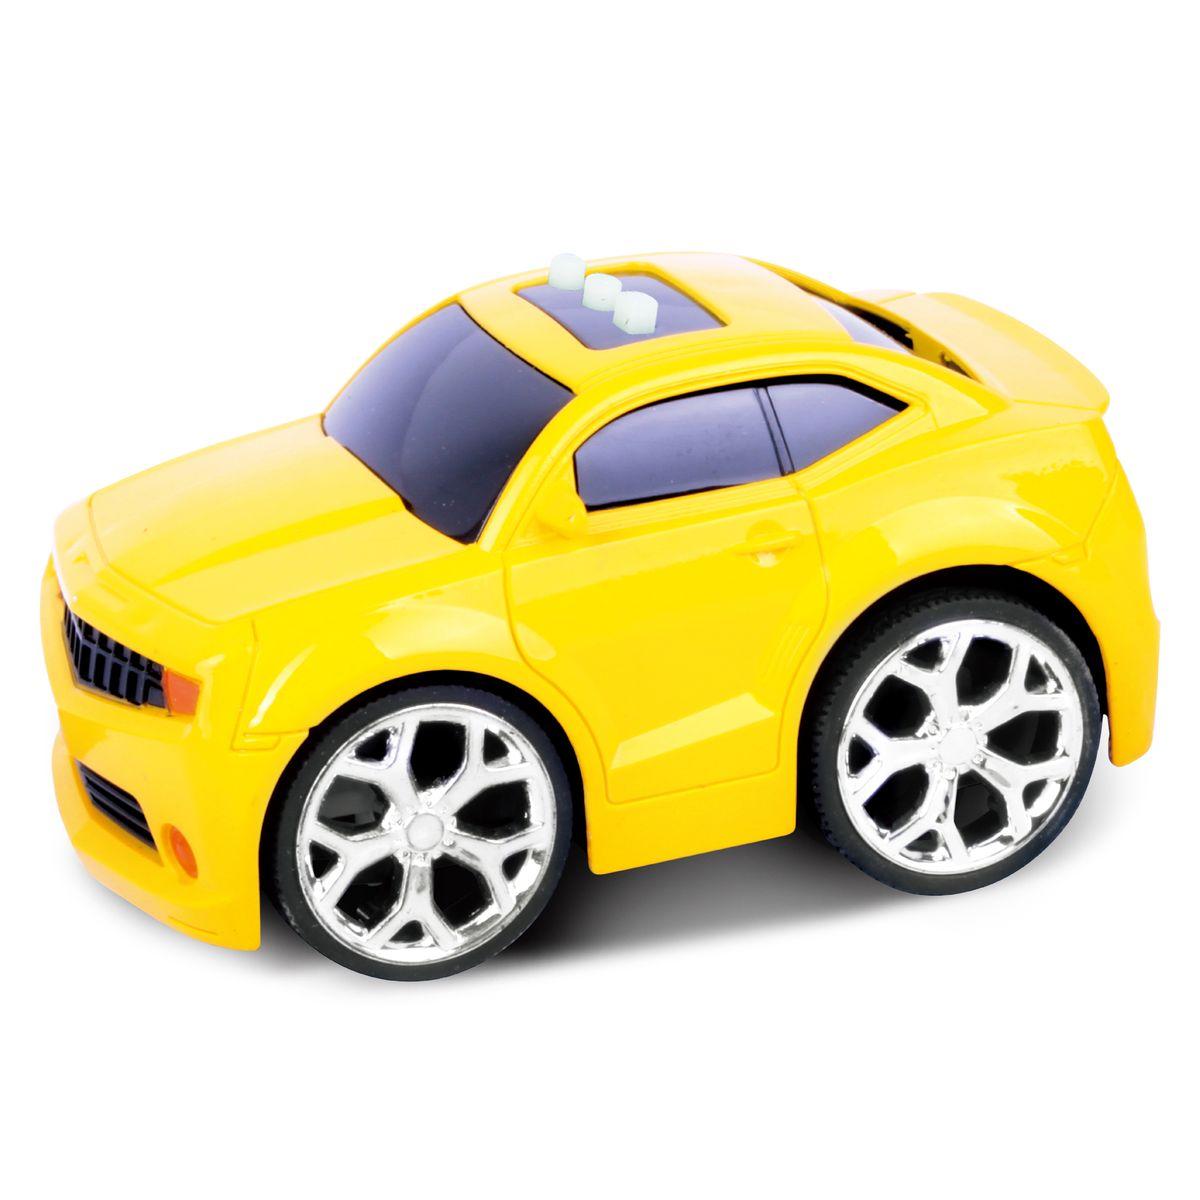 Blue Sea Машинка интерактивная цвет желтый5588-84BОригинальный дизайн 3 интерактивные функции (звук запуска двигателя, включение музыки, движение вперед) Требуется докупить элементы питания